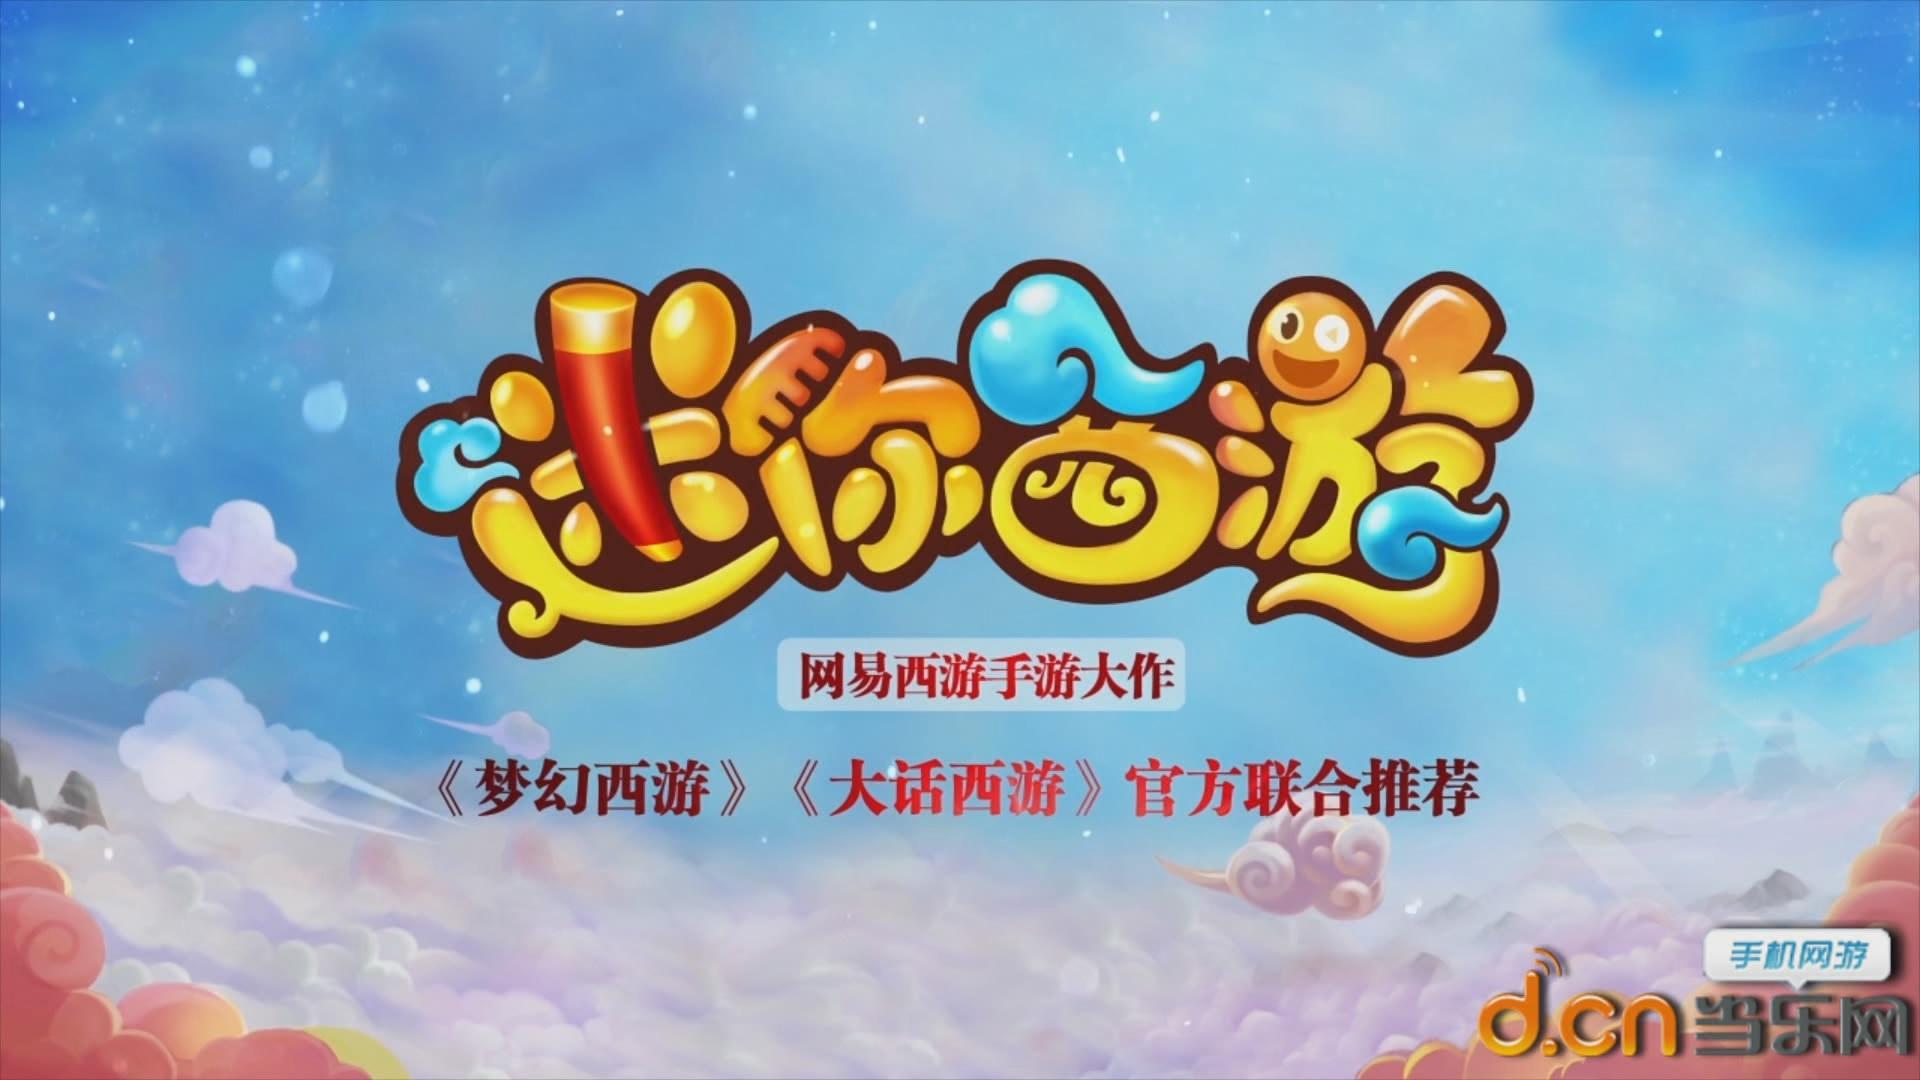 《迷你西游》公测宣传片首曝